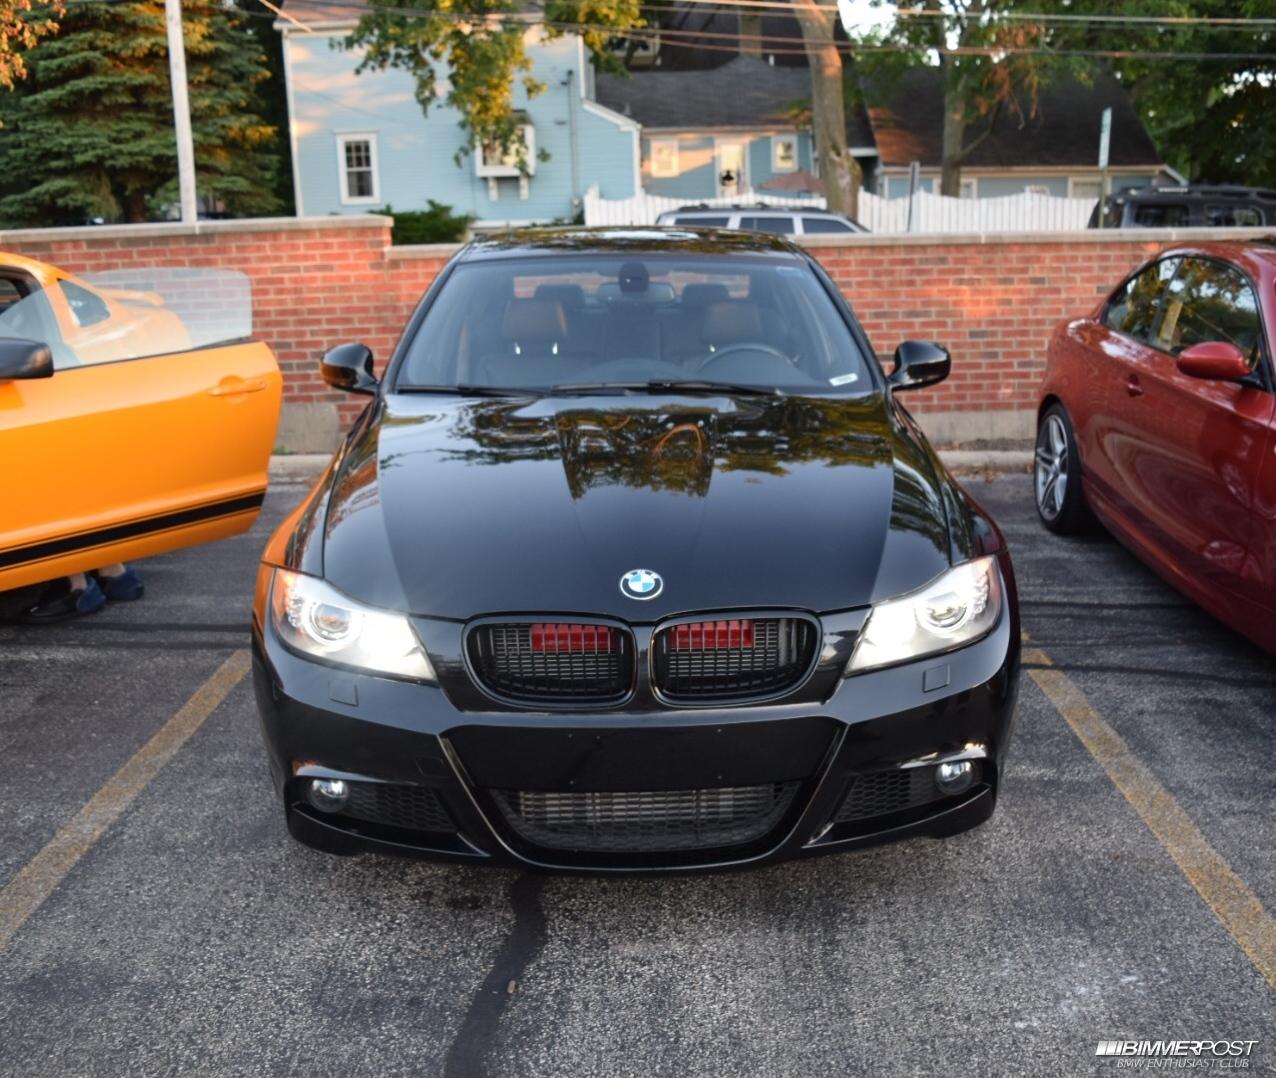 2015 Bmw I8 Transmission: Bmw_hub's 2011 BMW 335I